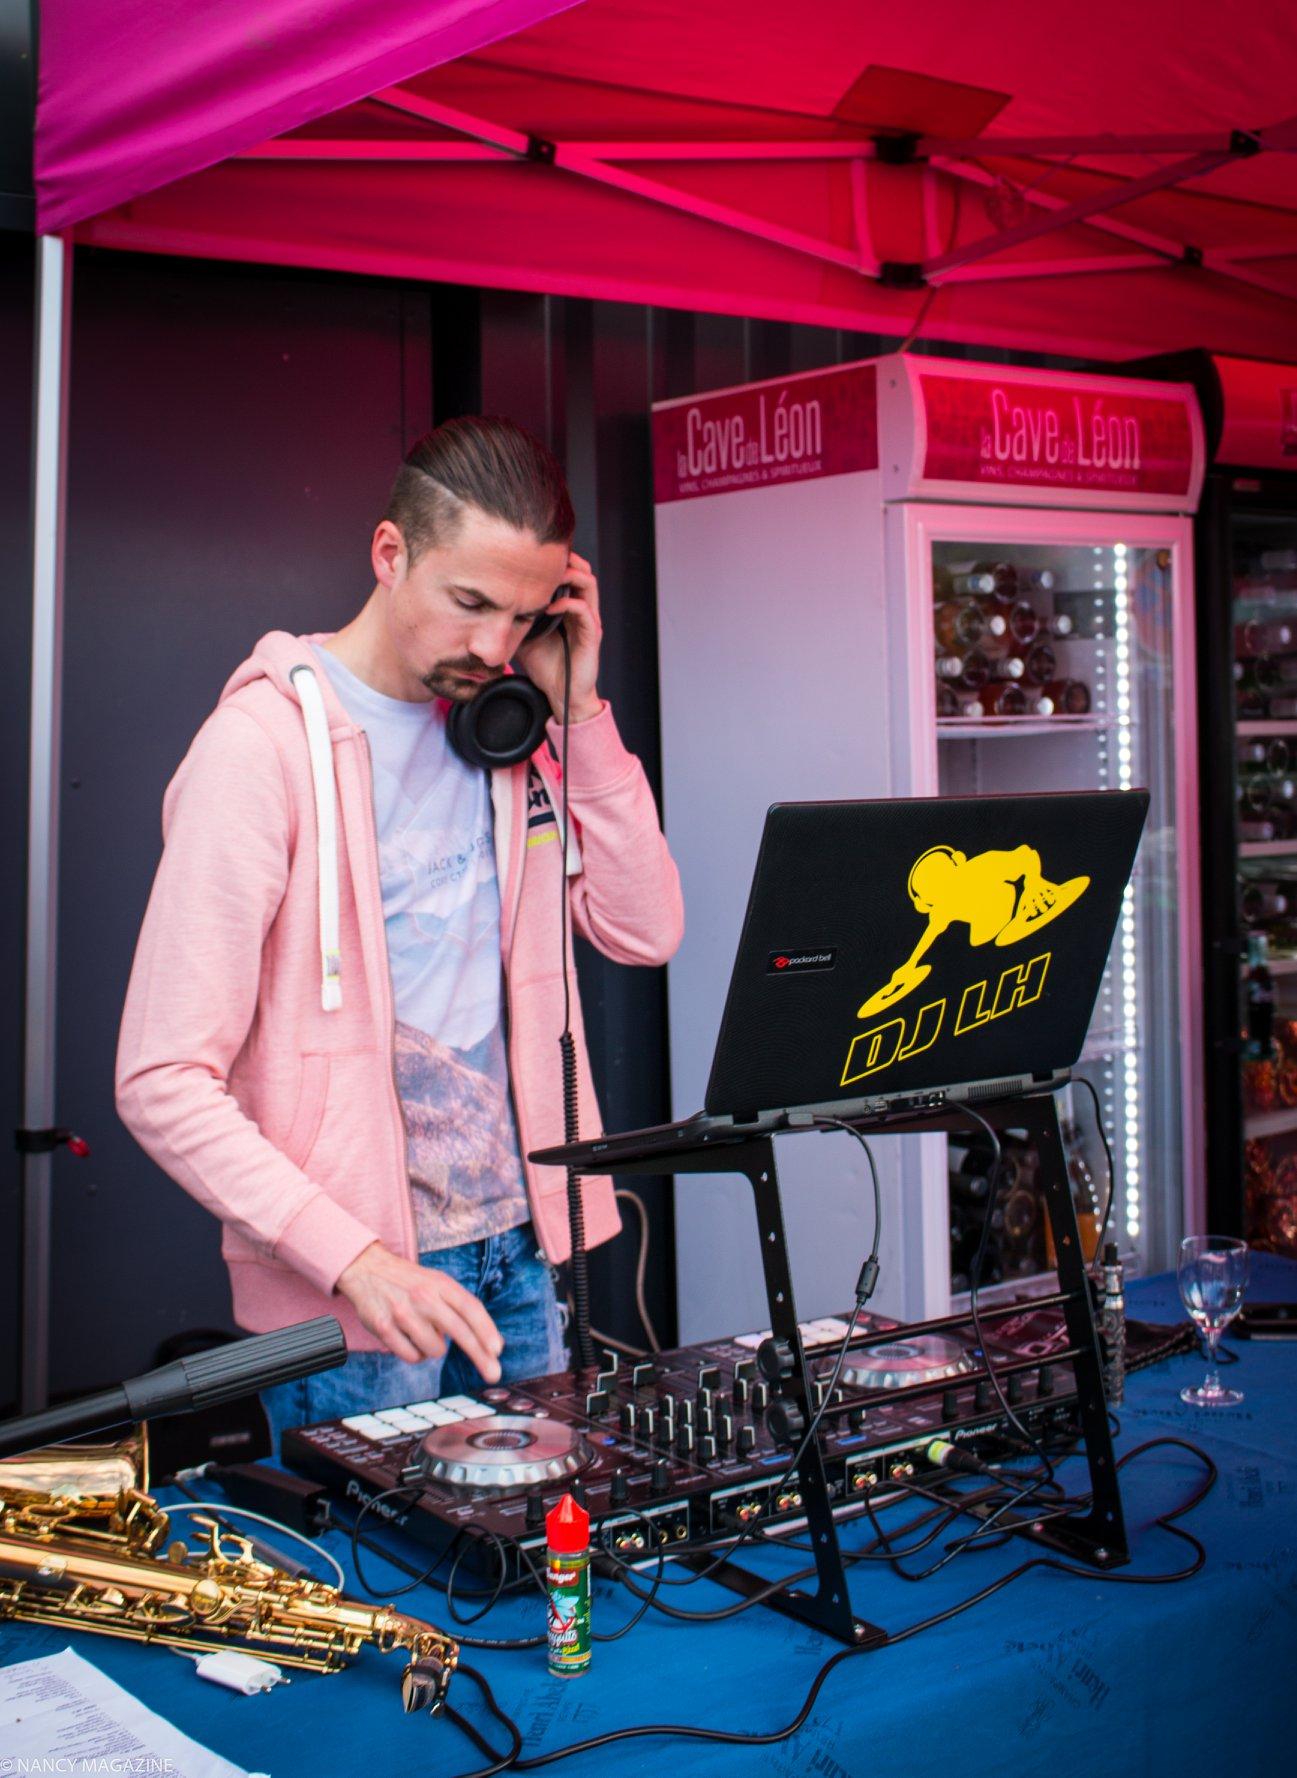 DJ-cavedeleon